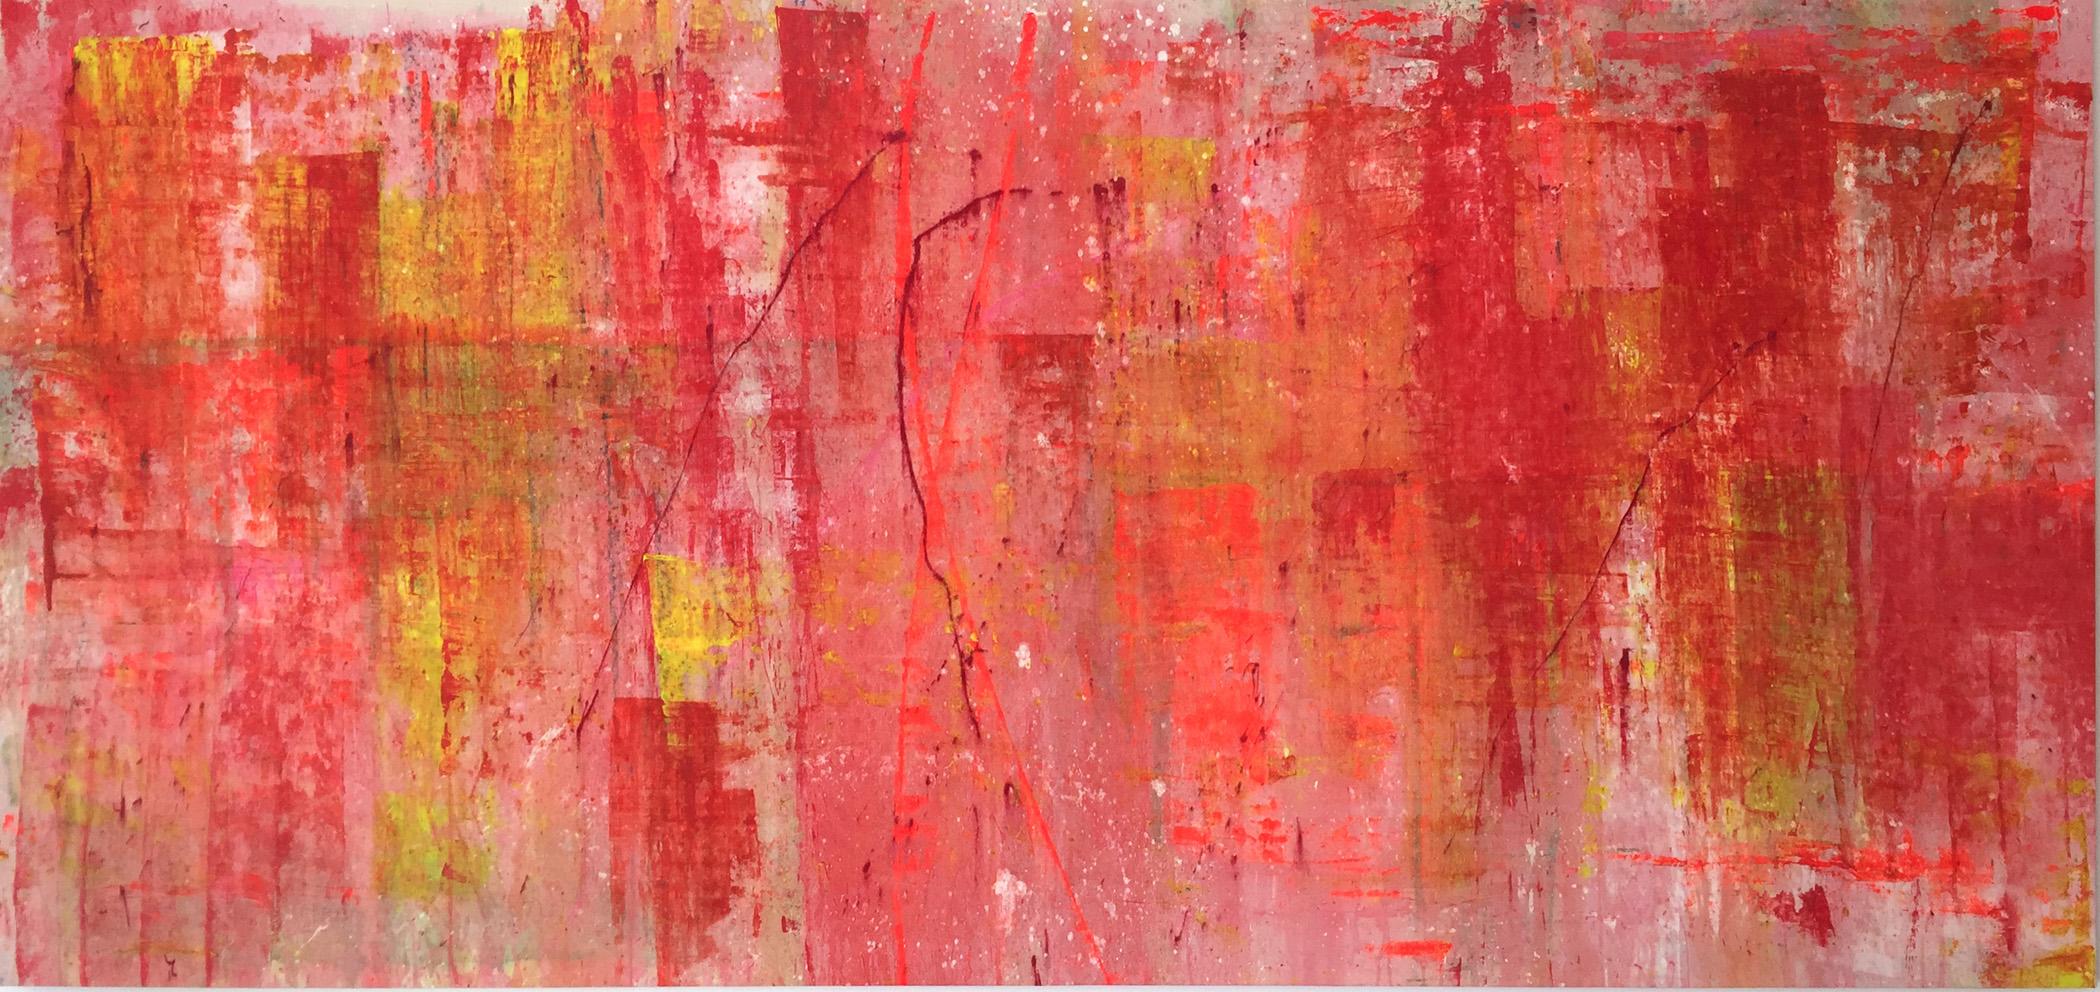 Qashqai, 2015, técnica mixta sobre lienzo, 283 x 130 cm.